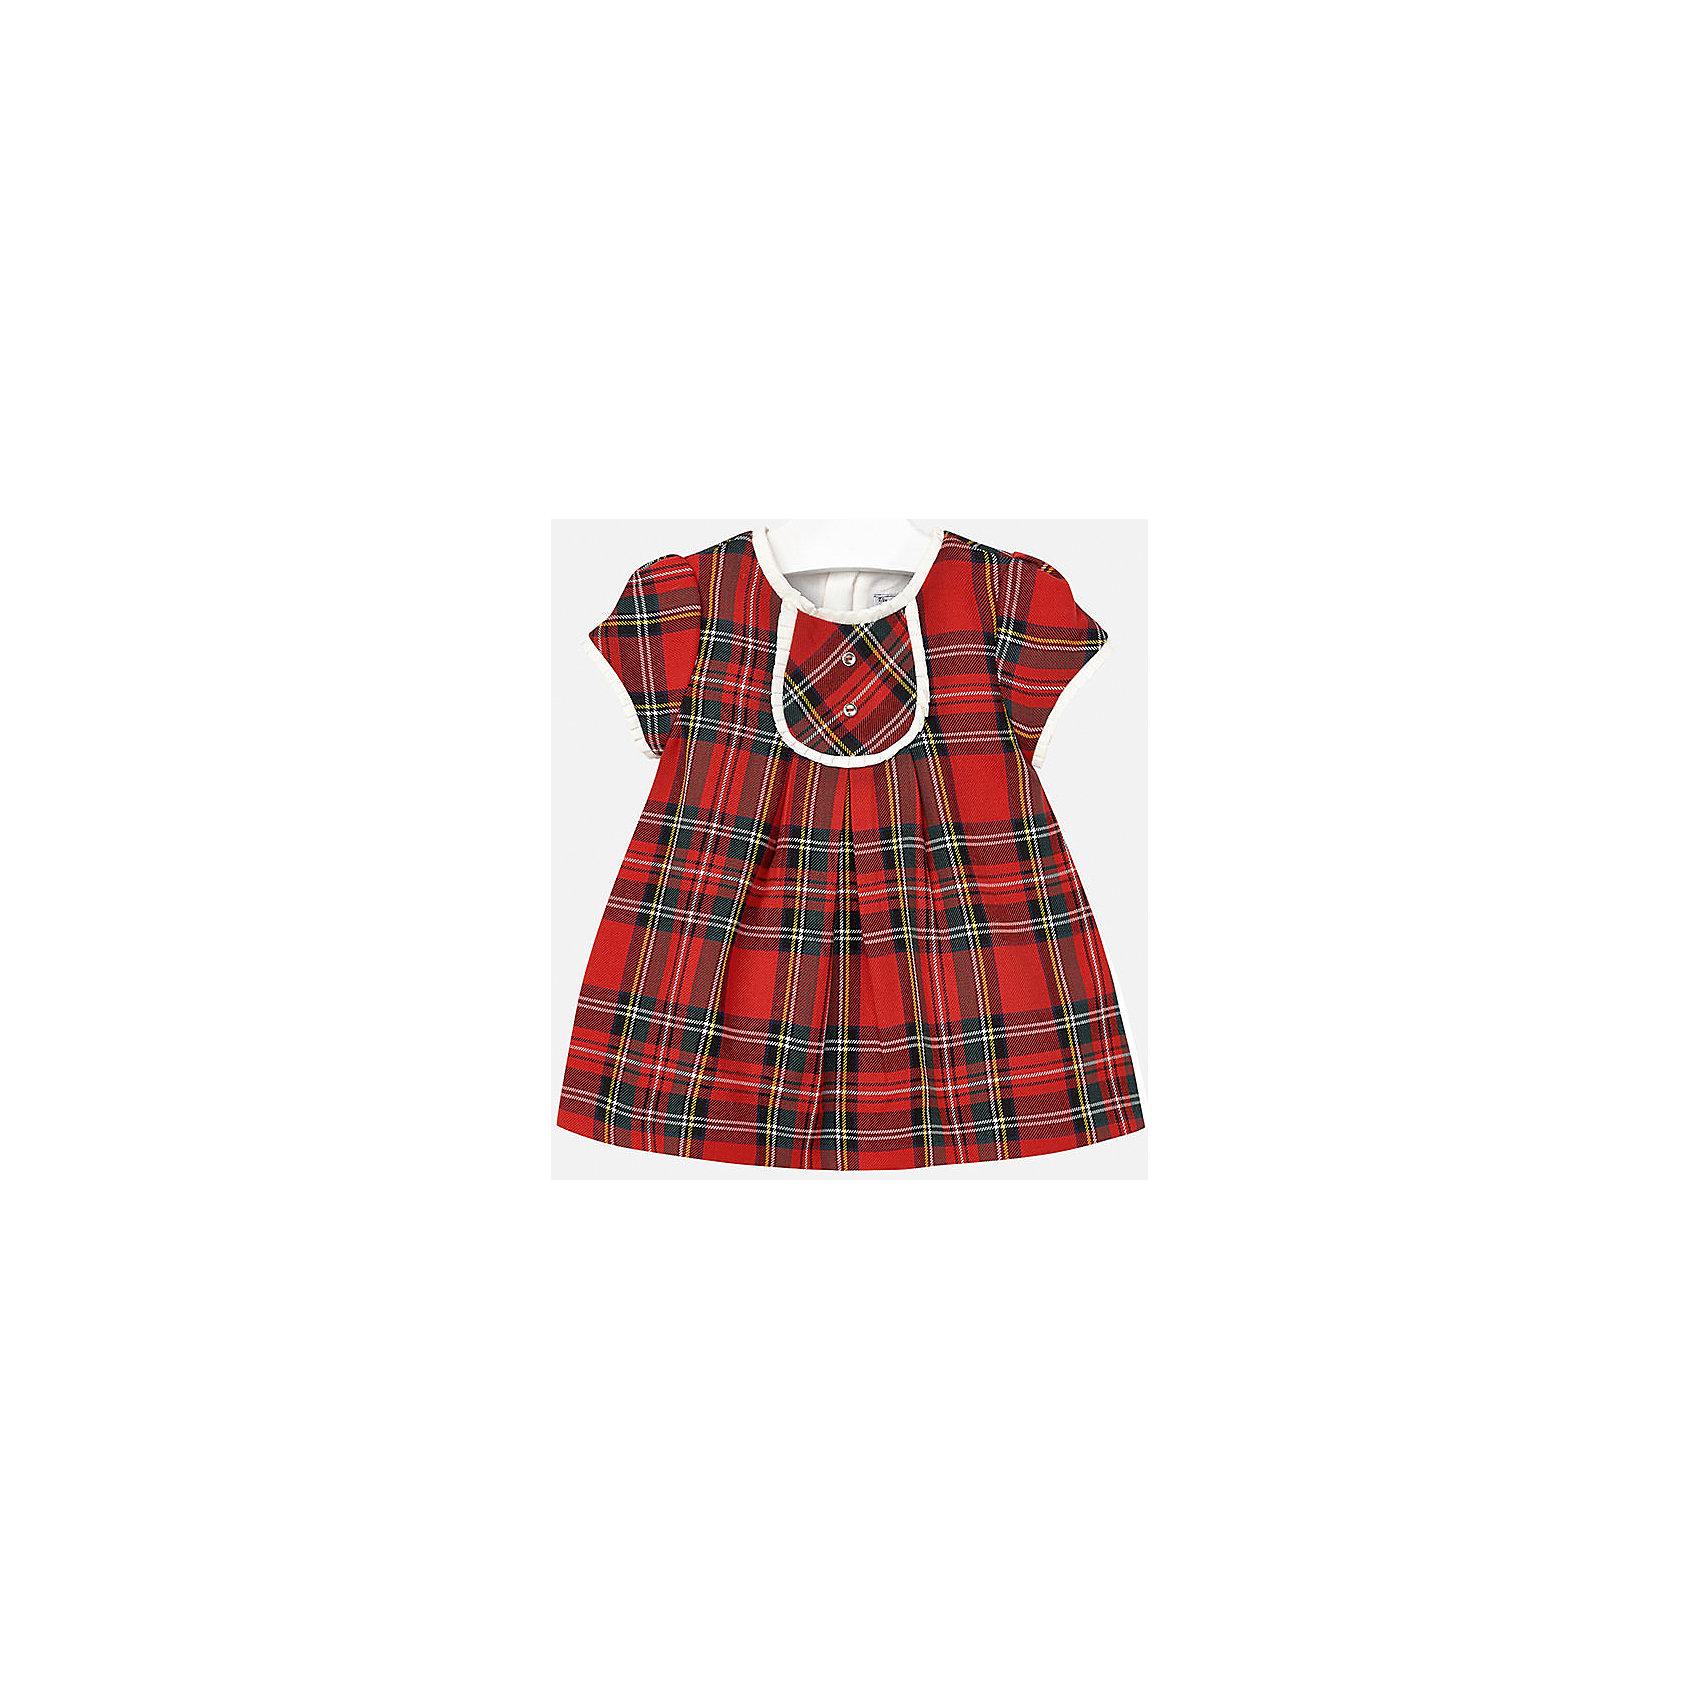 Платье для девочки MayoralПлатье торговой марки    Майорал -Mayoral  выполнено из полиэстера с небольшим добавлением вискозы, имеет короткий рукав, застегивается на молнию на спине. Имеет рисунок в клетку. Юбка имеет легкую плиссировку, линия талии завышенна. <br><br>Дополнительная информация: <br><br>- цвет: красная клетка<br>- состав: полиэстер: 65%, вискоза: 35% подкладка: хлопок: 50%, полиэстер:50%<br>- вид застежки: молния<br>- длина рукава: короткие<br>- длина изделия: по спинке: 38 см<br>- покрой: прямой<br>- фактура материала: трикотажный<br>- длина юбки: миди<br>- тип карманов: без карманов<br>- уход за вещами: бережная стирка при 30 градусах<br>- рисунок: без рисунка<br>- назначение: повседневная<br>- сезон: круглогодичный<br>- пол: девочки<br>- страна бренда: Испания<br>- комплектация: платье<br><br>Платье для девочки торговой марки Mayoral можно купить в нашем интернет-магазине.<br><br>Ширина мм: 236<br>Глубина мм: 16<br>Высота мм: 184<br>Вес г: 177<br>Цвет: красный<br>Возраст от месяцев: 12<br>Возраст до месяцев: 15<br>Пол: Женский<br>Возраст: Детский<br>Размер: 80,92,74,86<br>SKU: 4846313